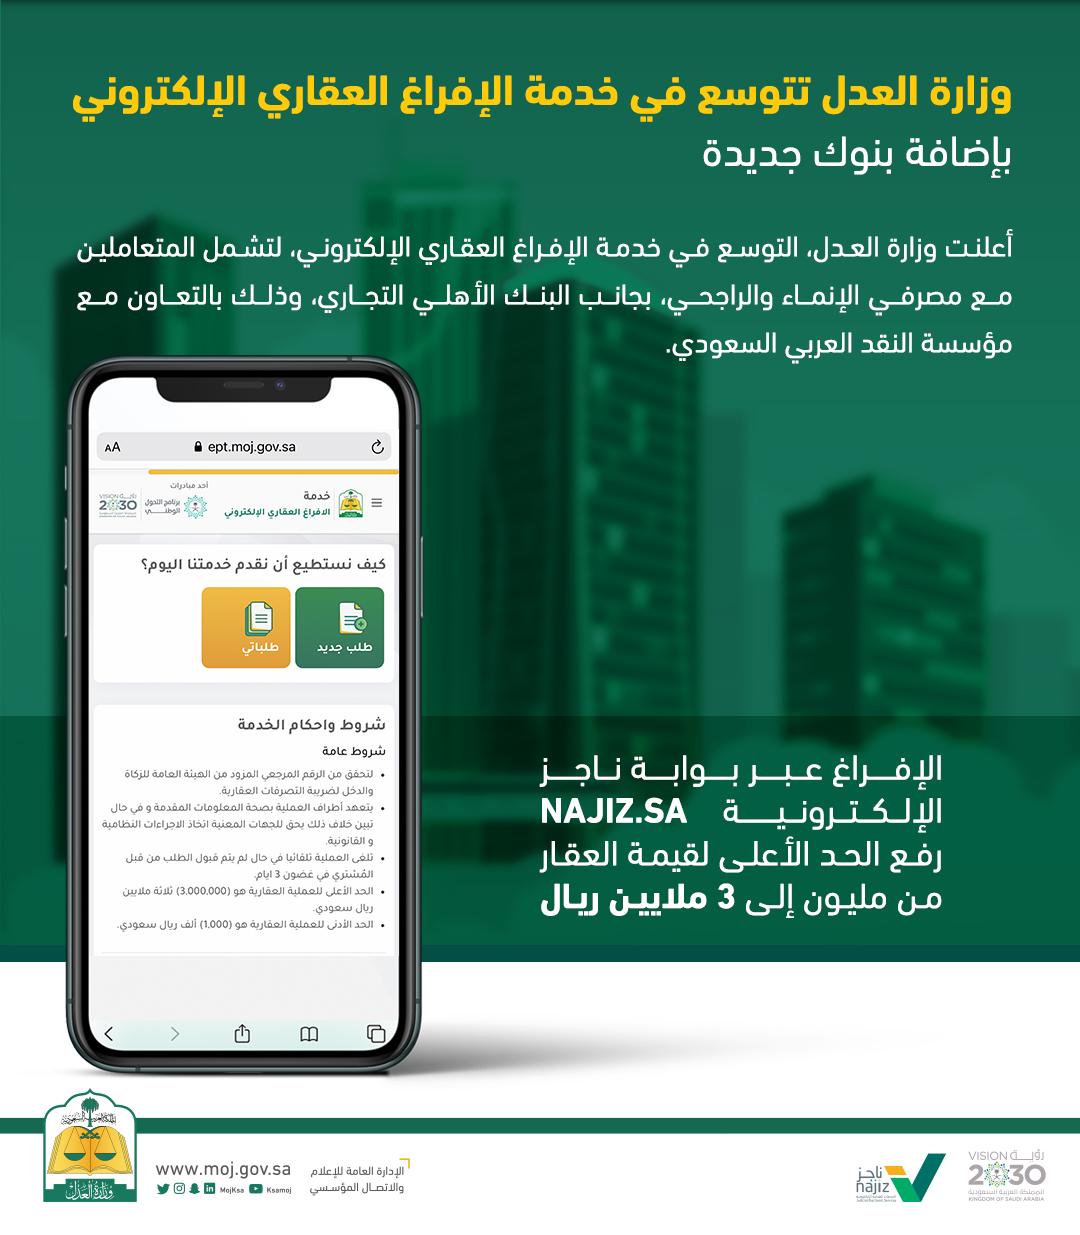 وزارة العدل تتوسع في خدمة الإفراغ العقاري الإلكتروني